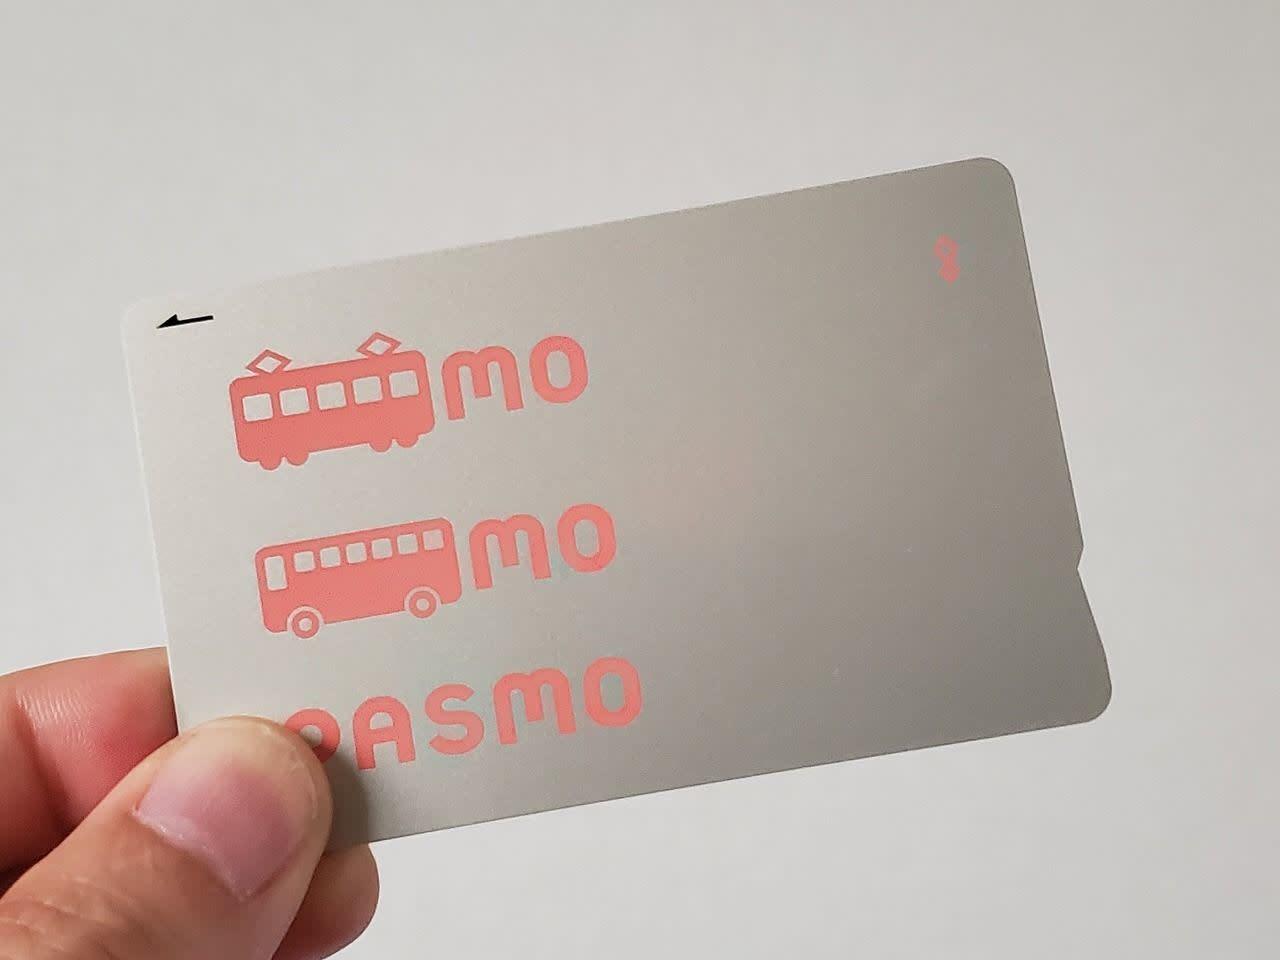 「モバイルPASMO」発表にみる交通系ICのスマホ対応。今後の展望は(鈴木淳也) - Engadget 日本版